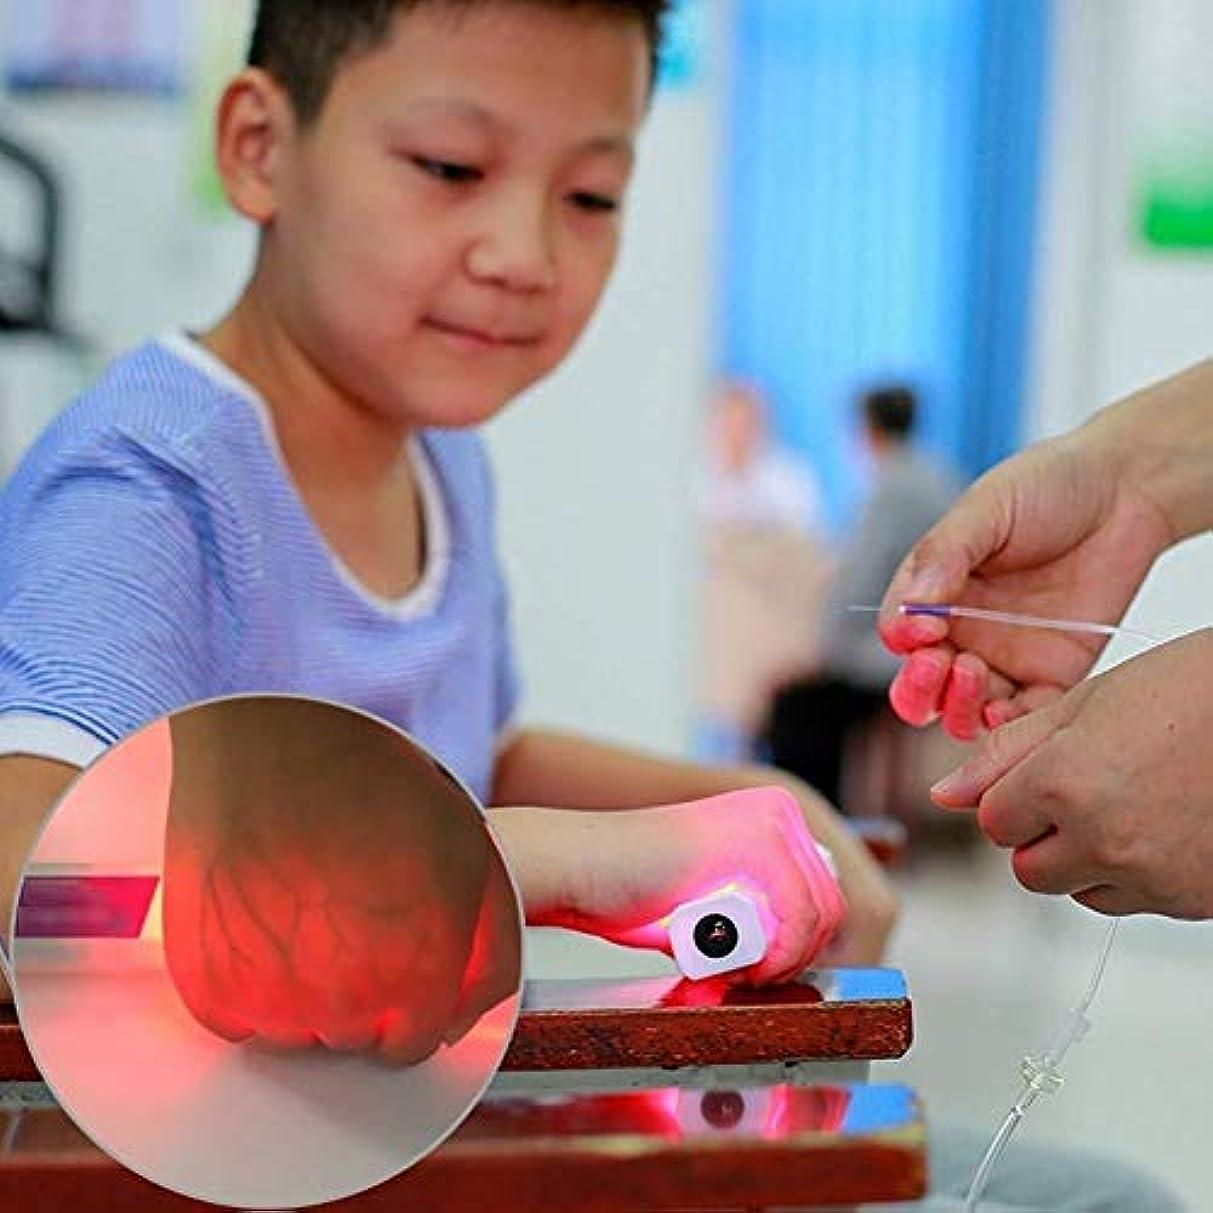 体操疼痛マークダウン赤外線静脈ファインダービューアーポータブル医療赤外線静脈ロケーター照明可視光検出器看護師医師の血液採取